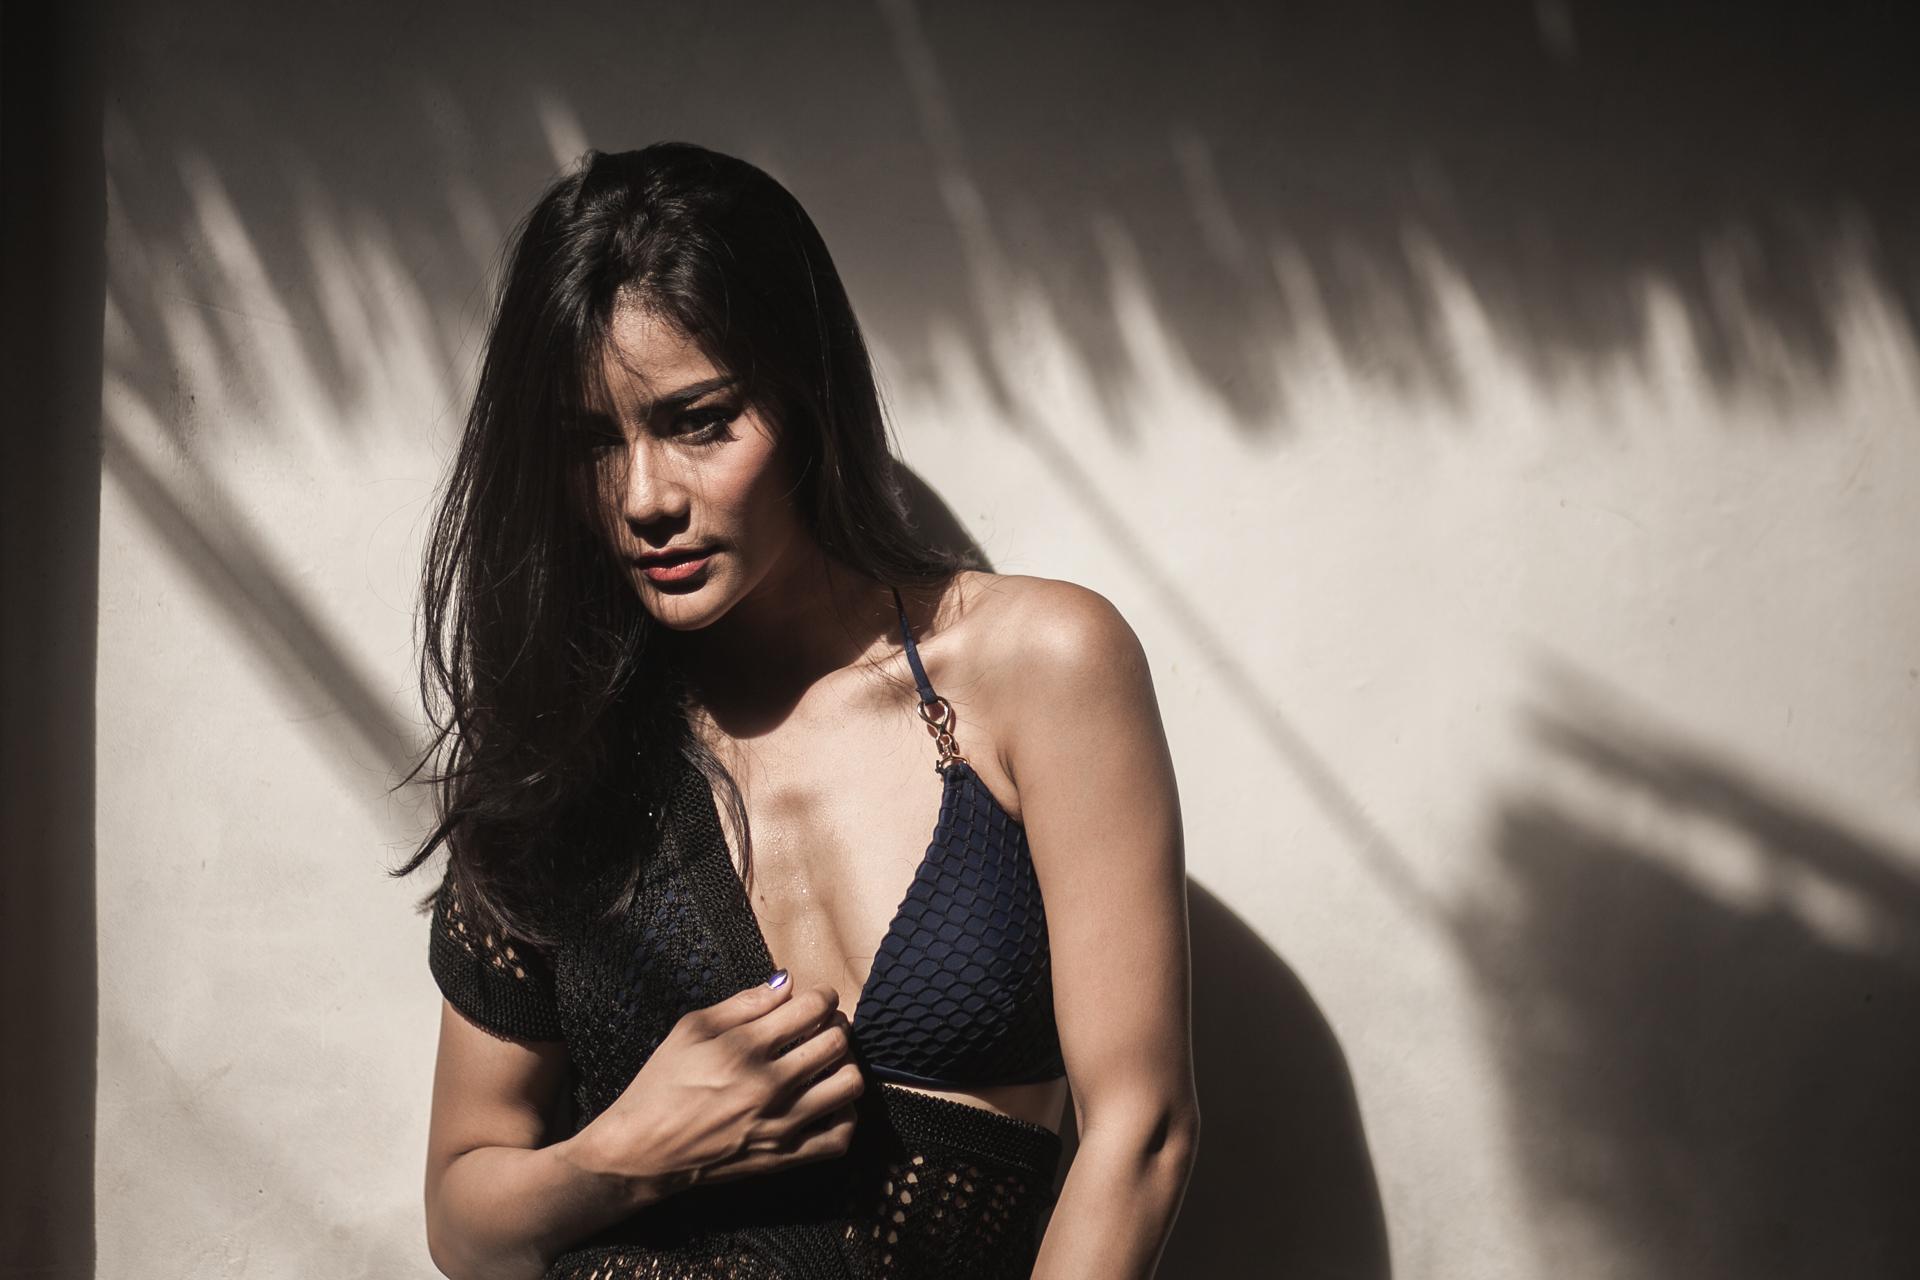 Sweaty model working the camera in her bikini